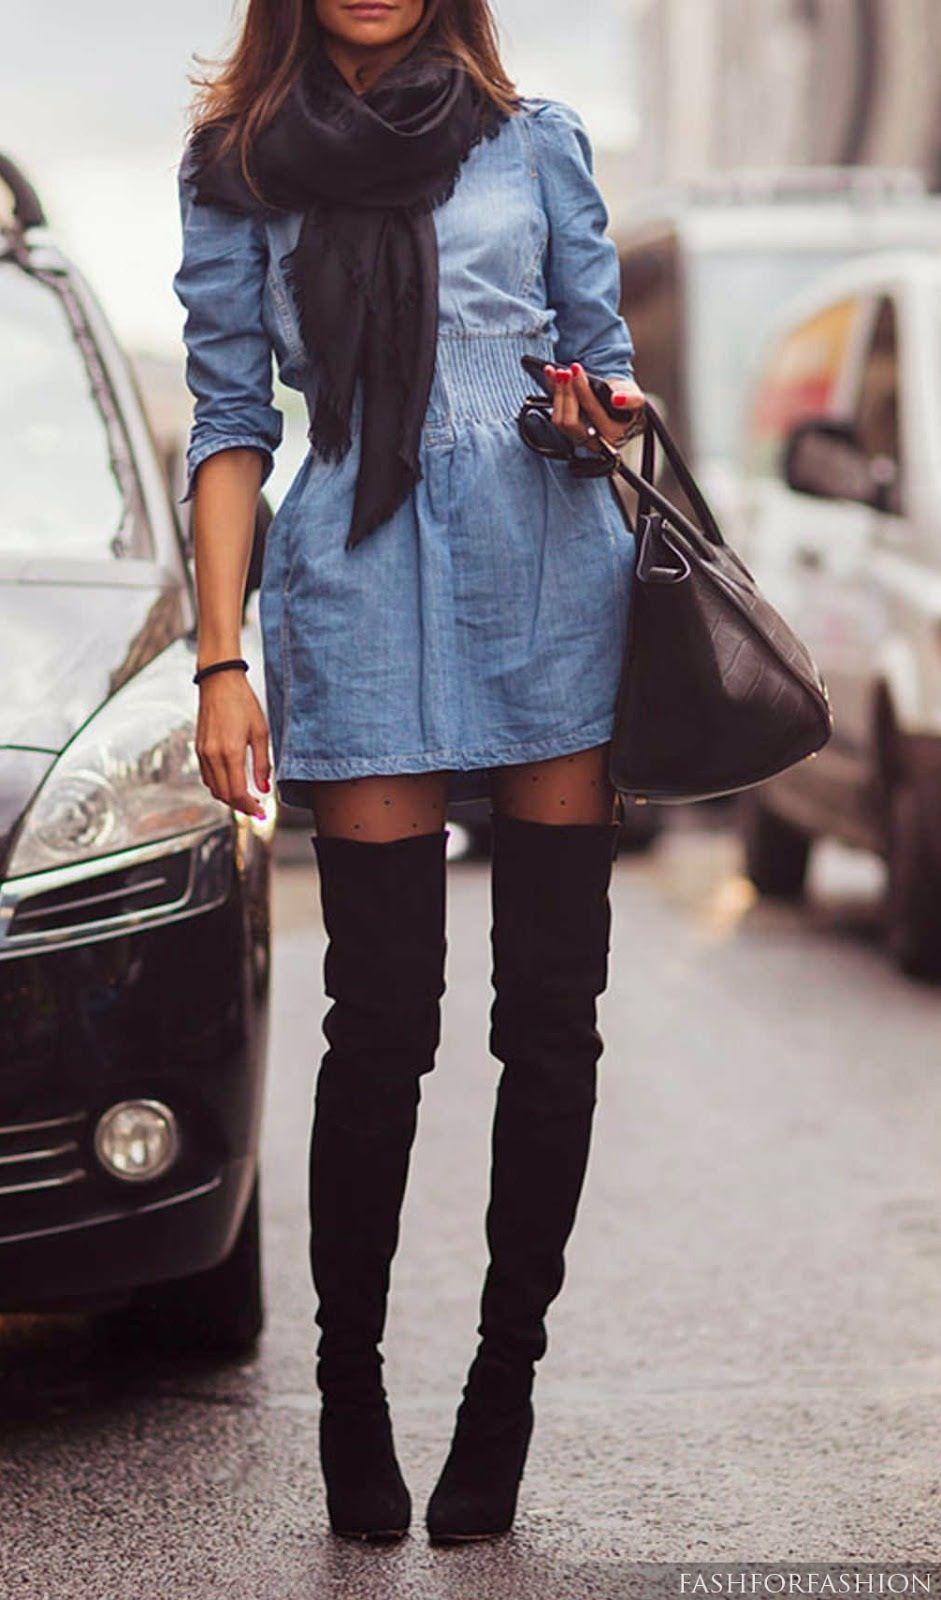 Thigh high boots + denim dress | street style | Pinterest